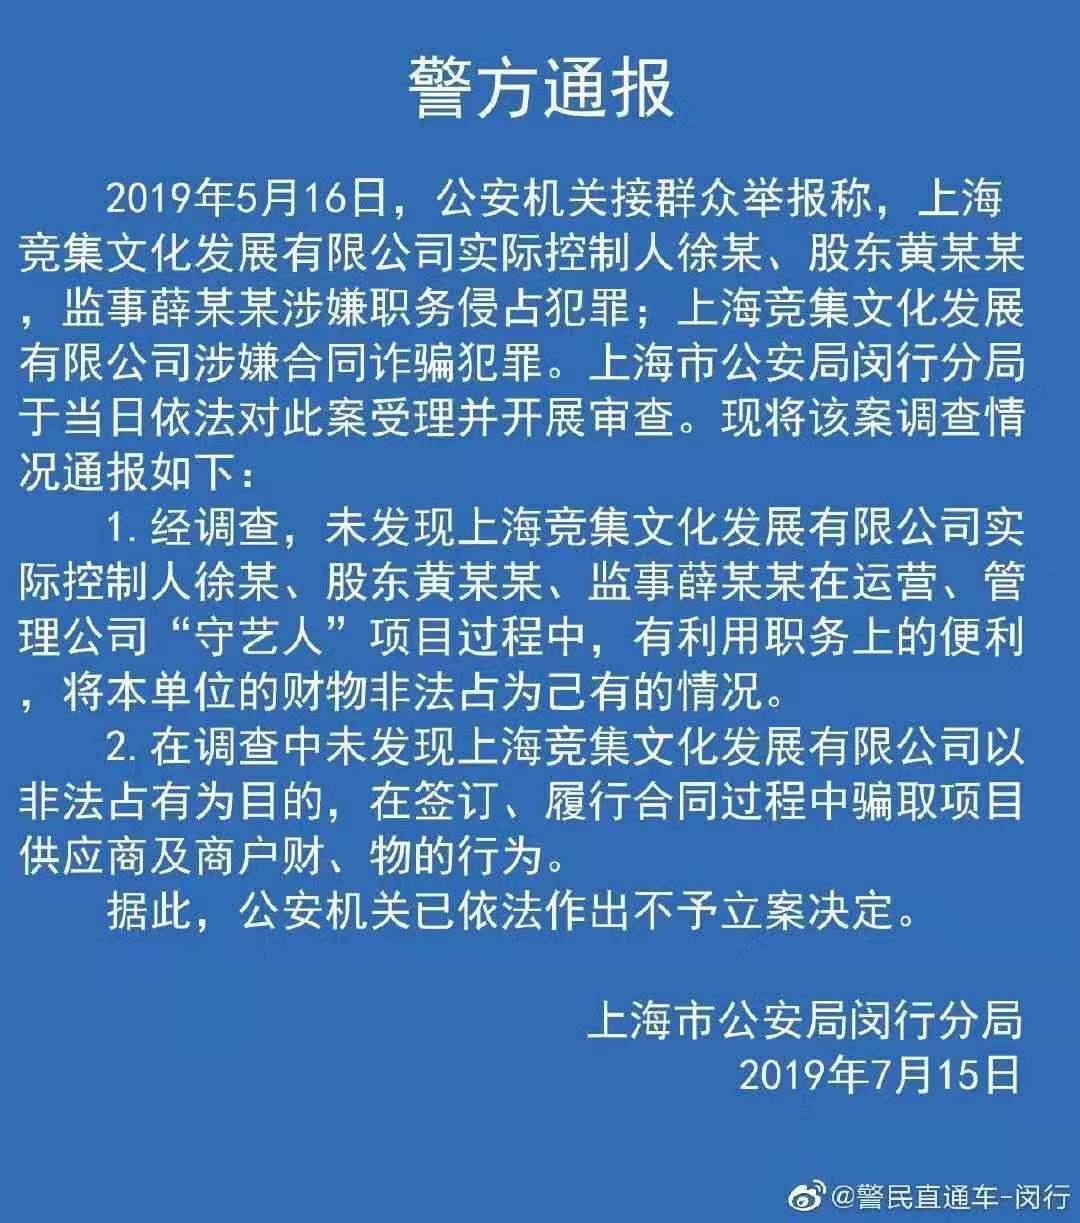 http://www.xarenfu.com/xianxinwen/31310.html